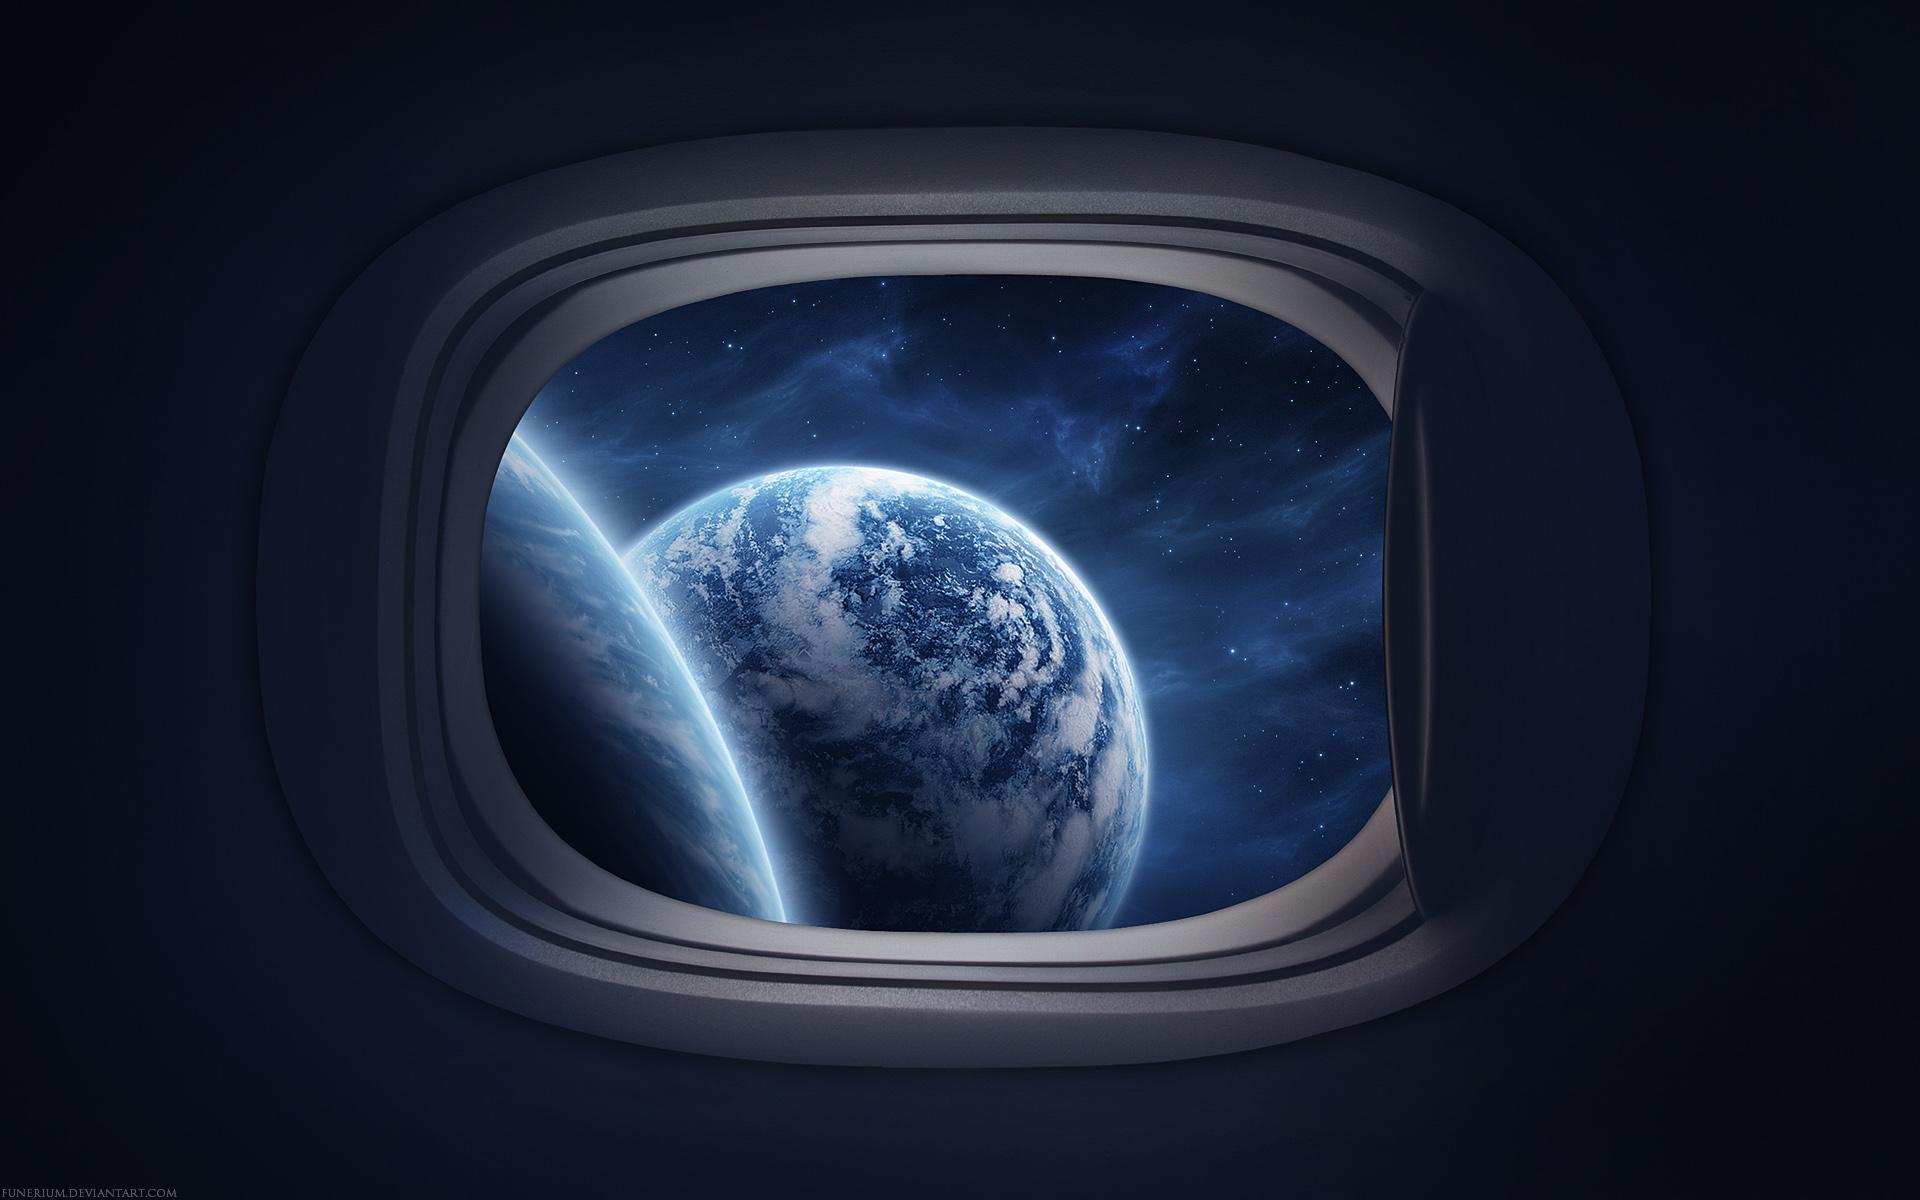 Sfondi hd spazio nave spaziale sfondi hd gratis for Sfondi spazio hd